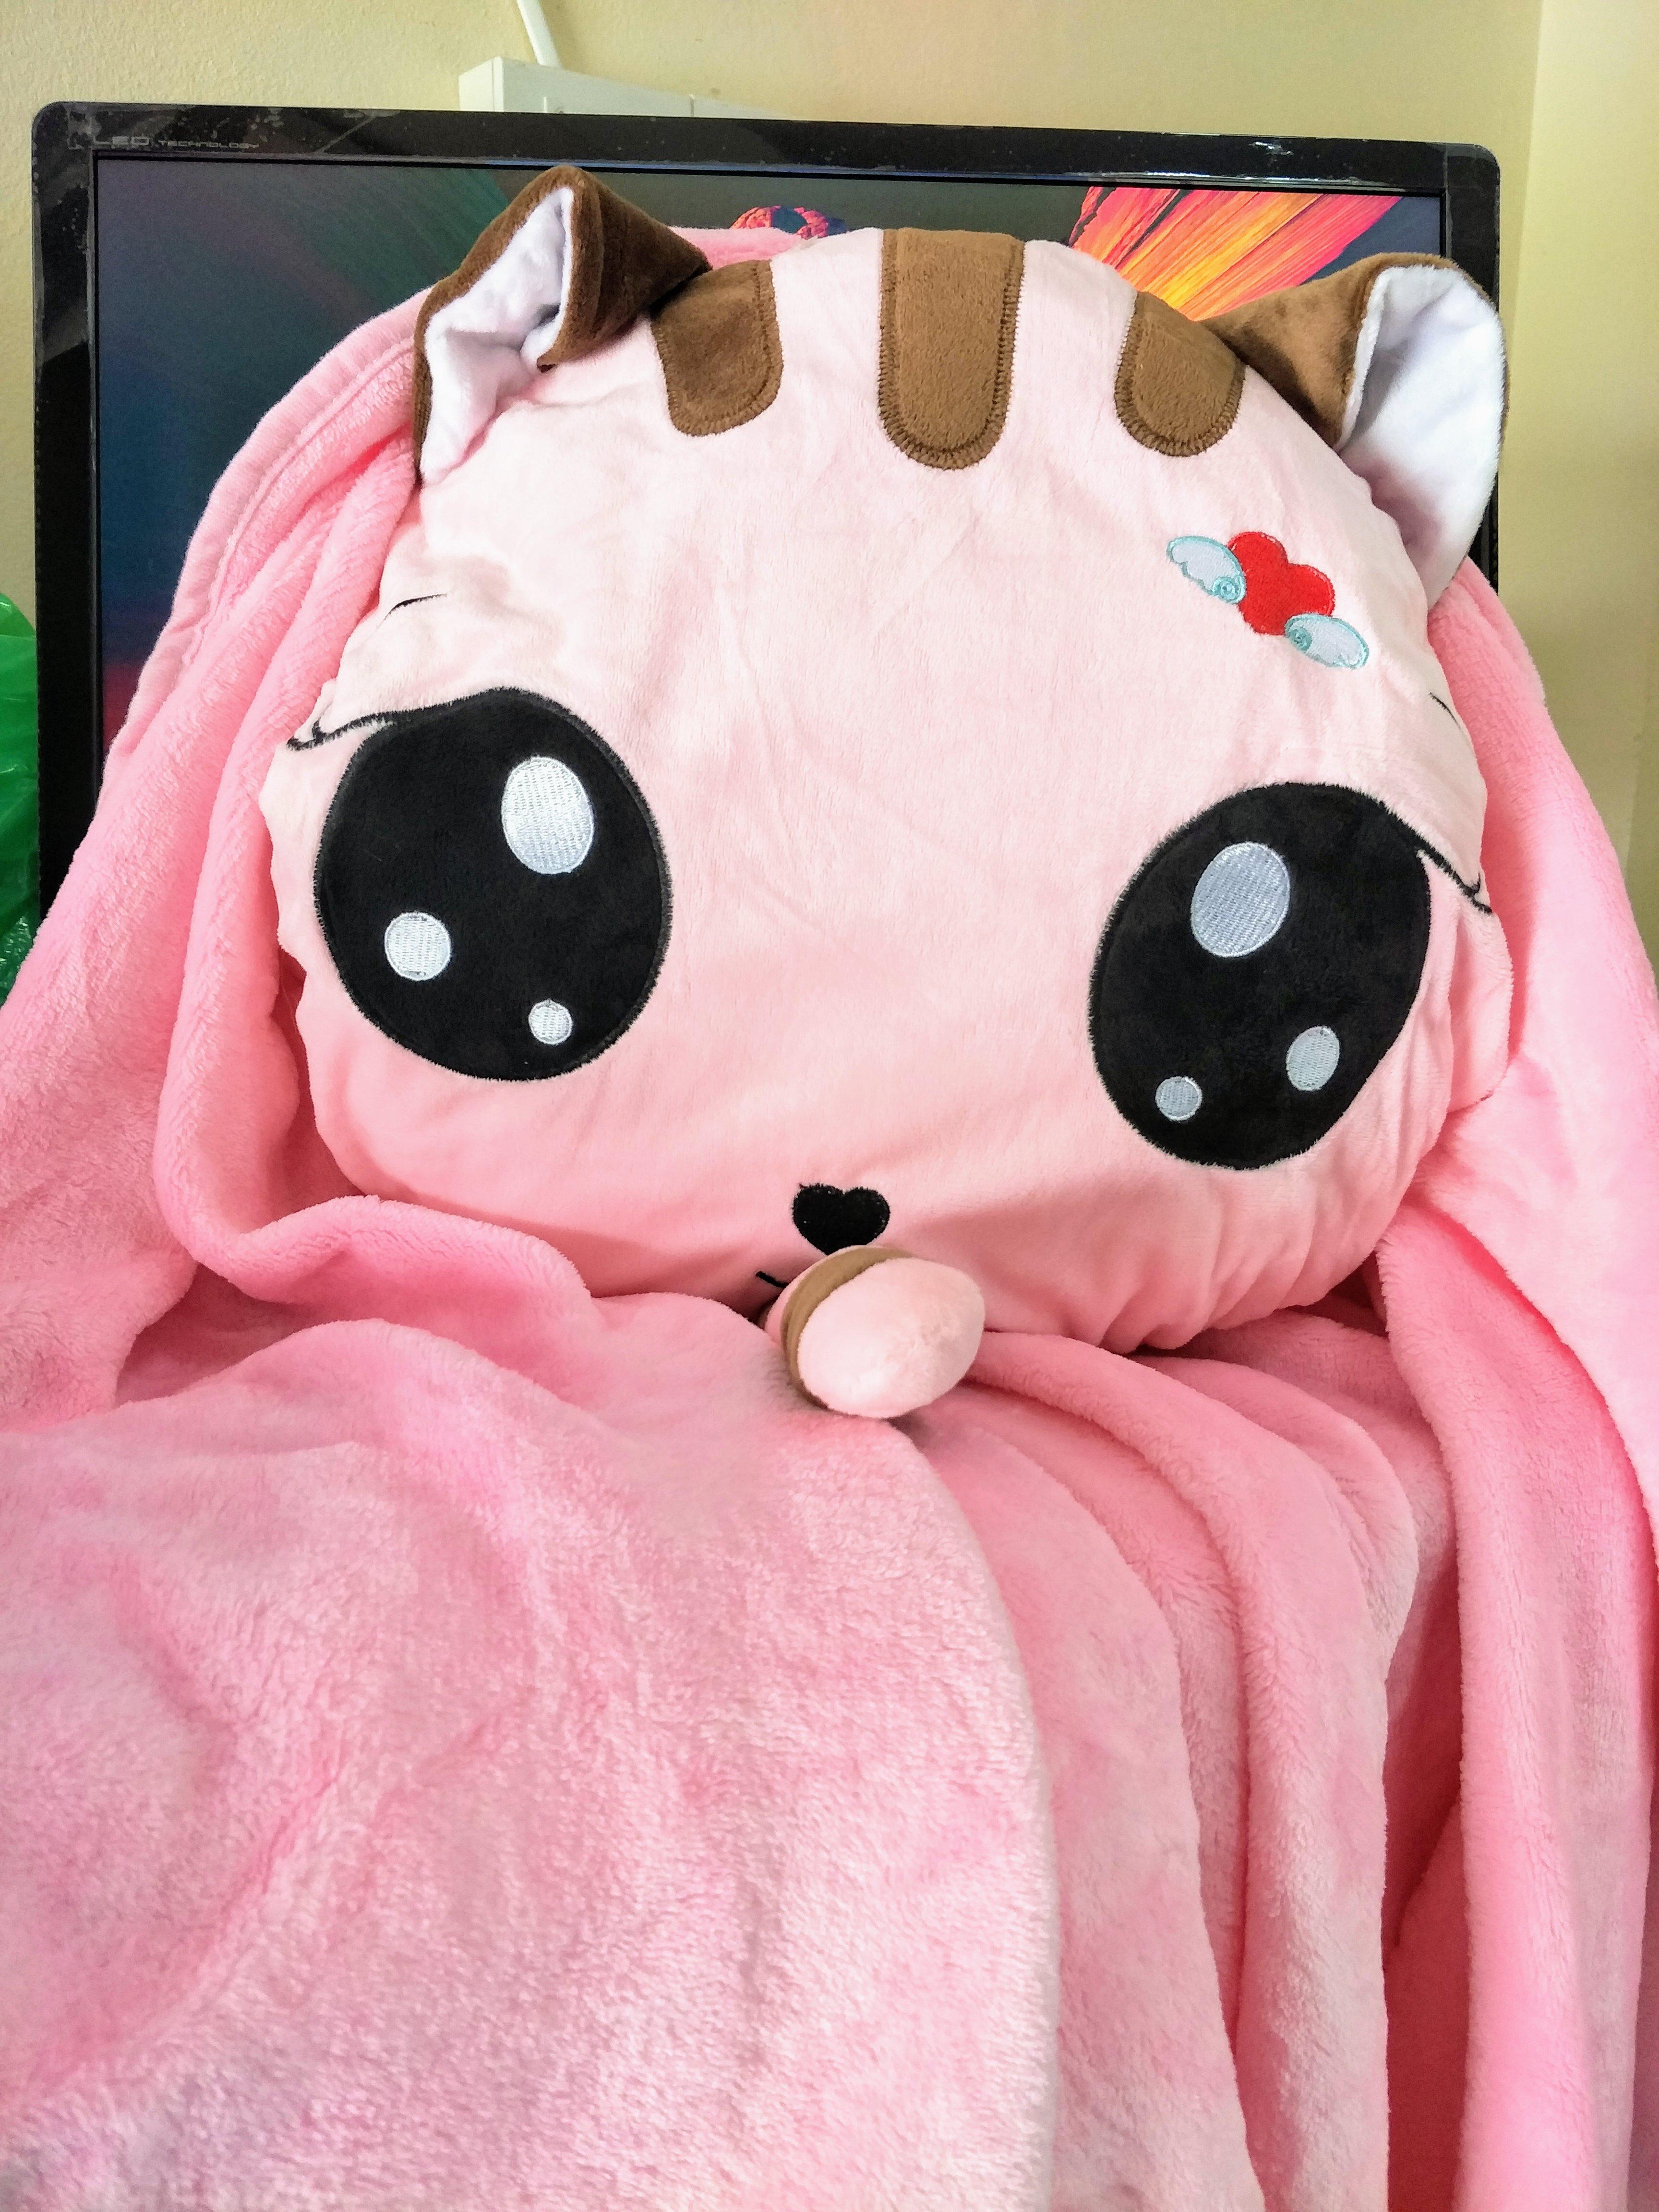 SC0009 Free ปักชื่อบนผ้าห่ม!! ตุ๊กตาหมอนผ้าห่มแมวเหมียวแอ๊บแบ๊ว สีชมพู น่ารัก มีที่ซุกมือ ผ้าห่มกำมะหยี่นุ้มนุ่ม